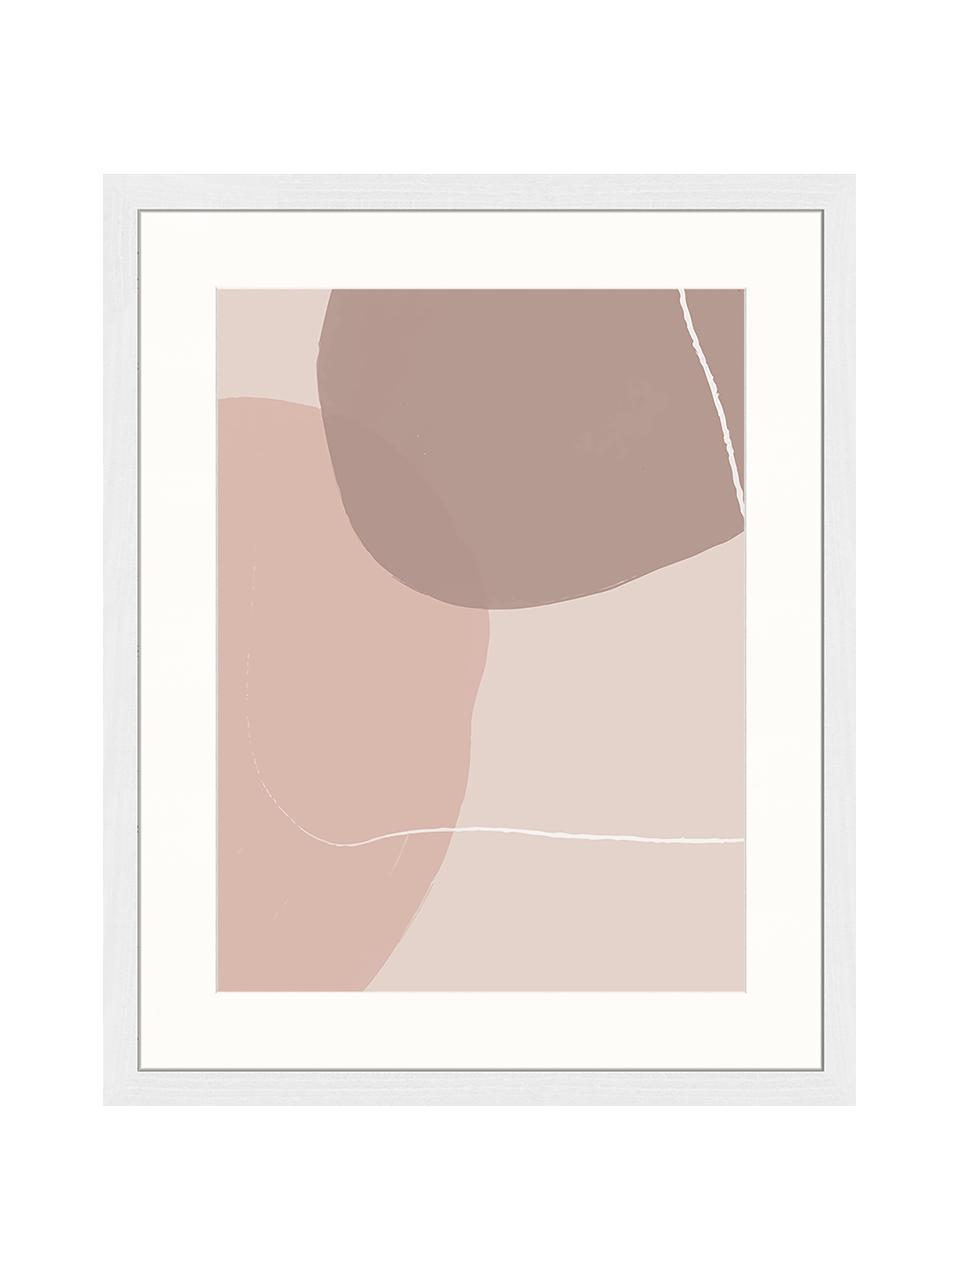 Gerahmter Digitaldruck Abstract Pink, Bild: Digitaldruck auf Papier, , Rahmen: Holz, lackiert, Front: Plexiglas, Mehrfarbig, 43 x 53 cm